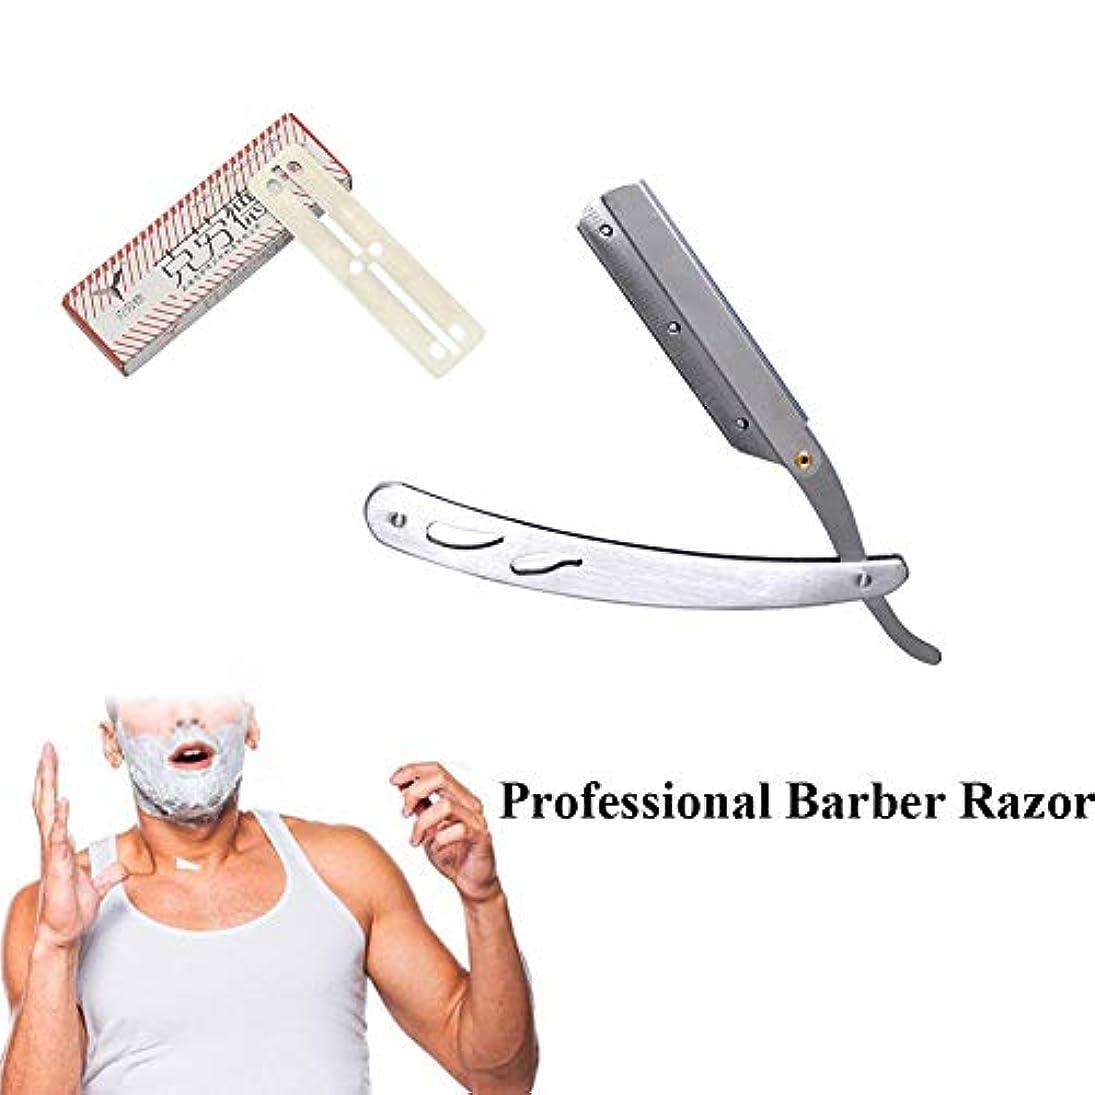 アヒル略す失態理容ストレートエッジかみそり - 男性のための10ピースブレードとサロンスロートひげ剃り - ステンレス折りたたみひげ剃りツール